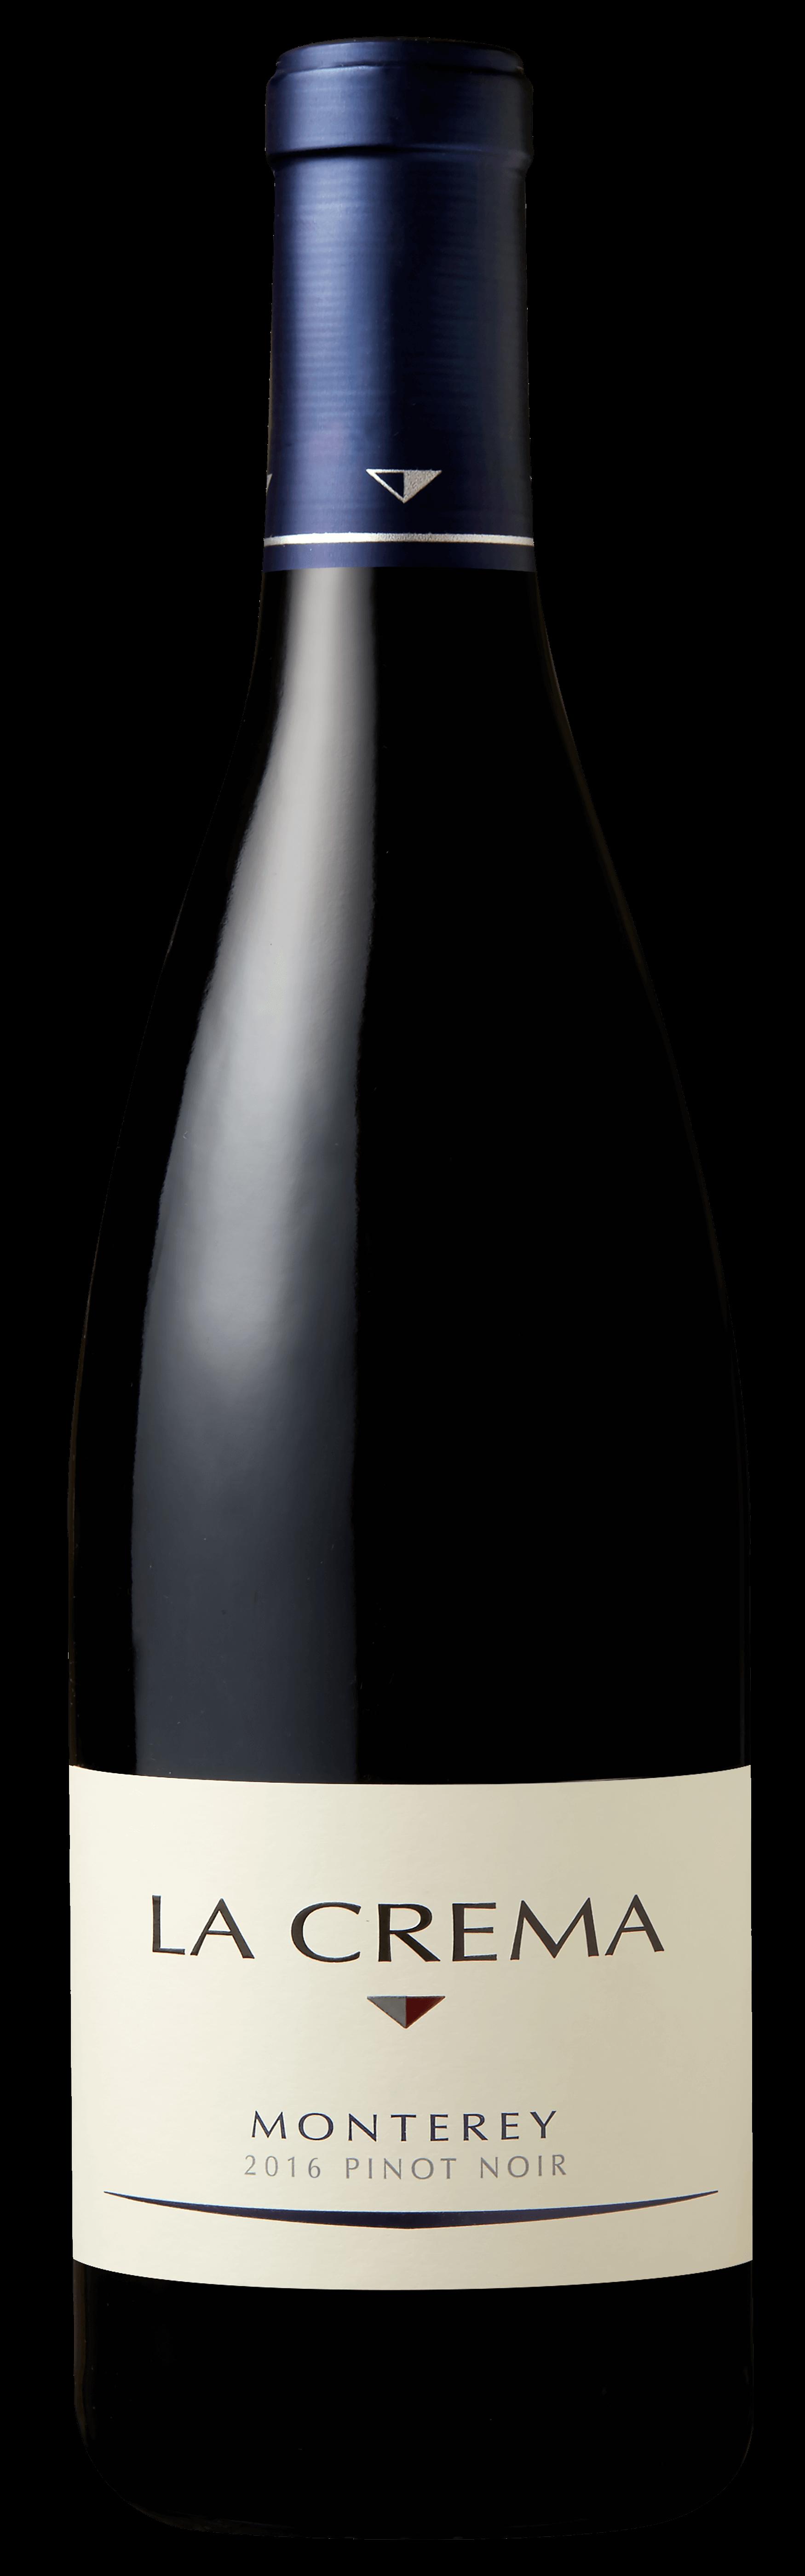 2016 Monterey Pinot Noir